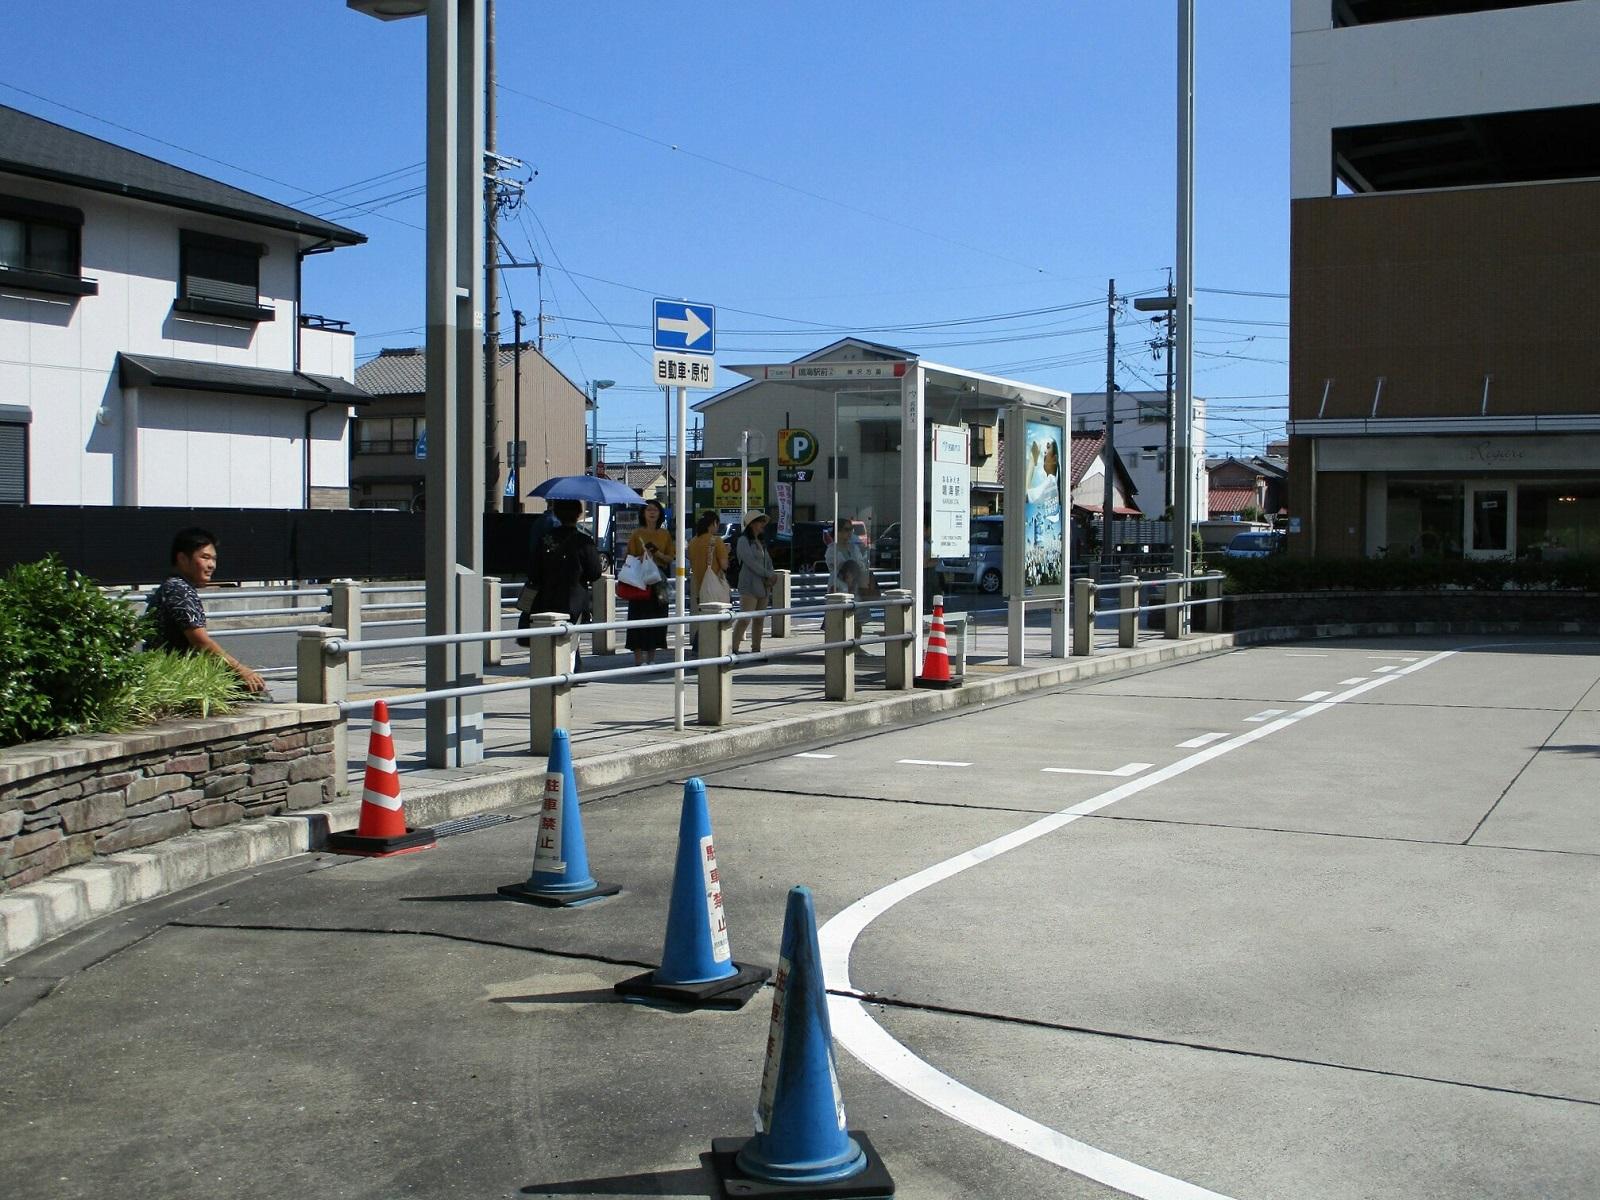 2018.7.21 (25) 鳴海駅バスのりば 1600-1200